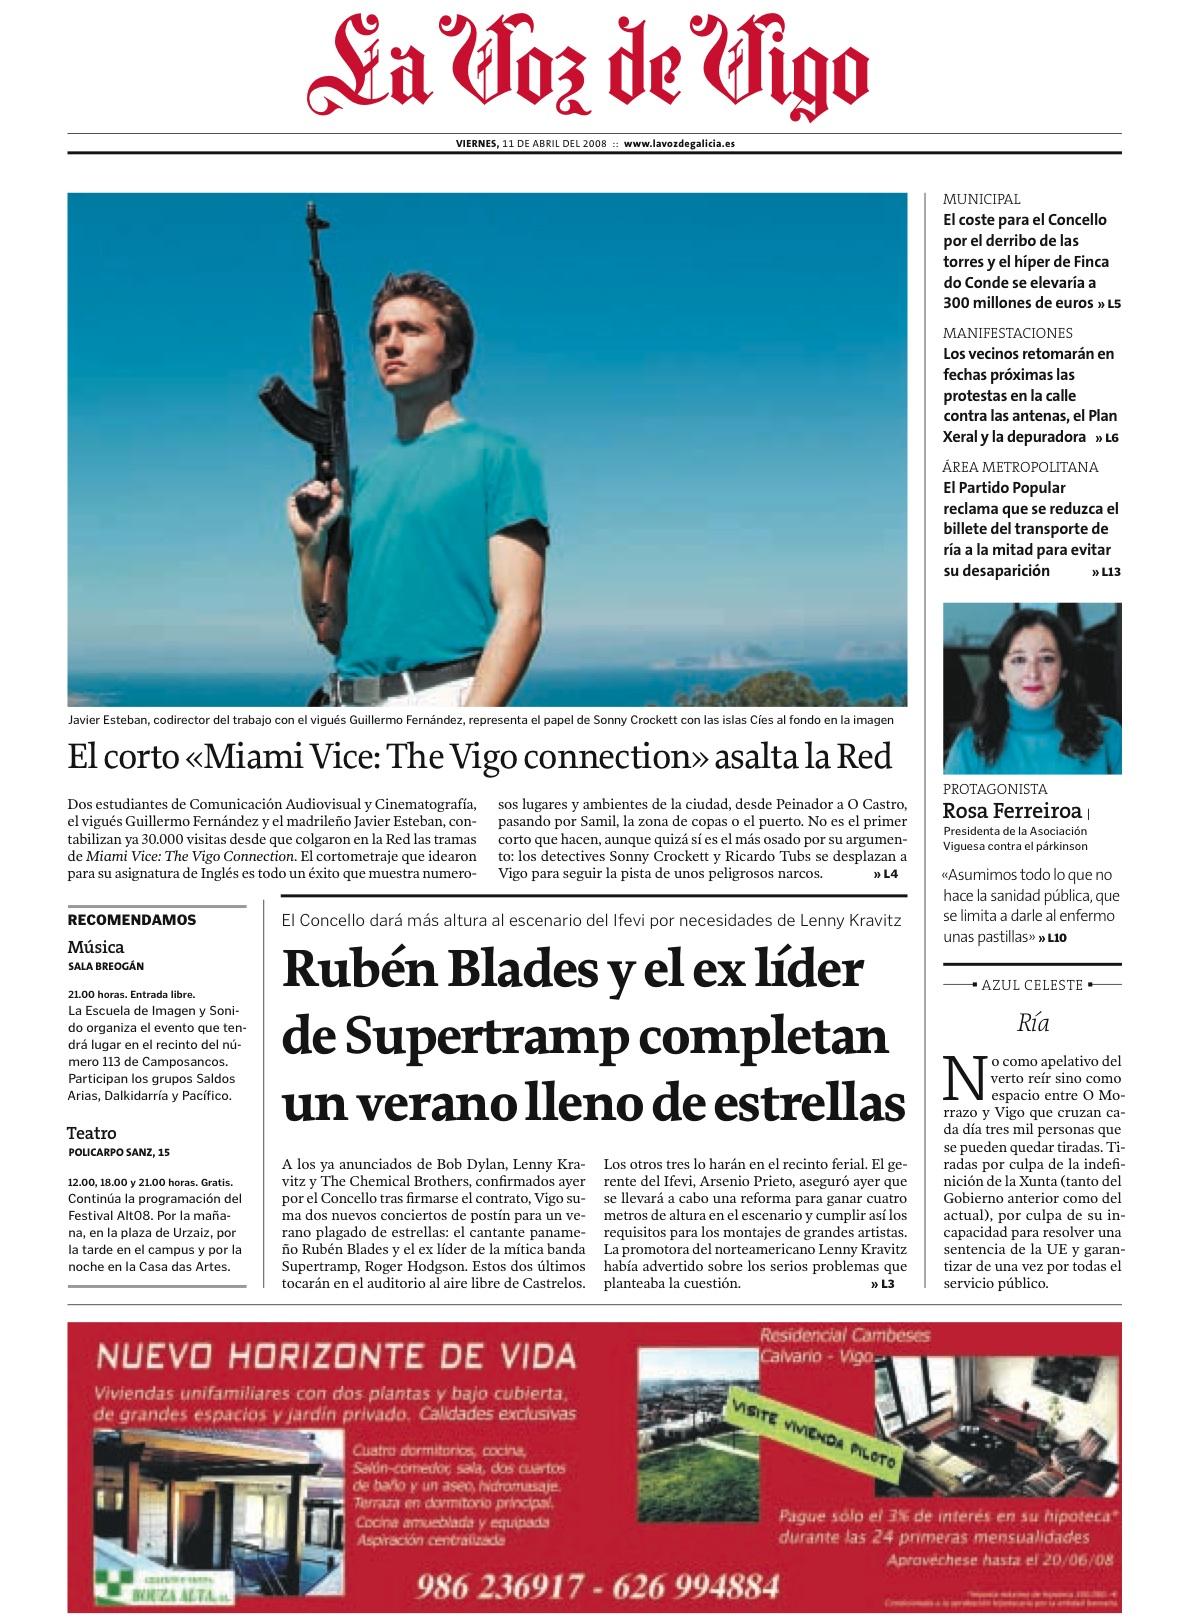 The Vigo Connection en portada